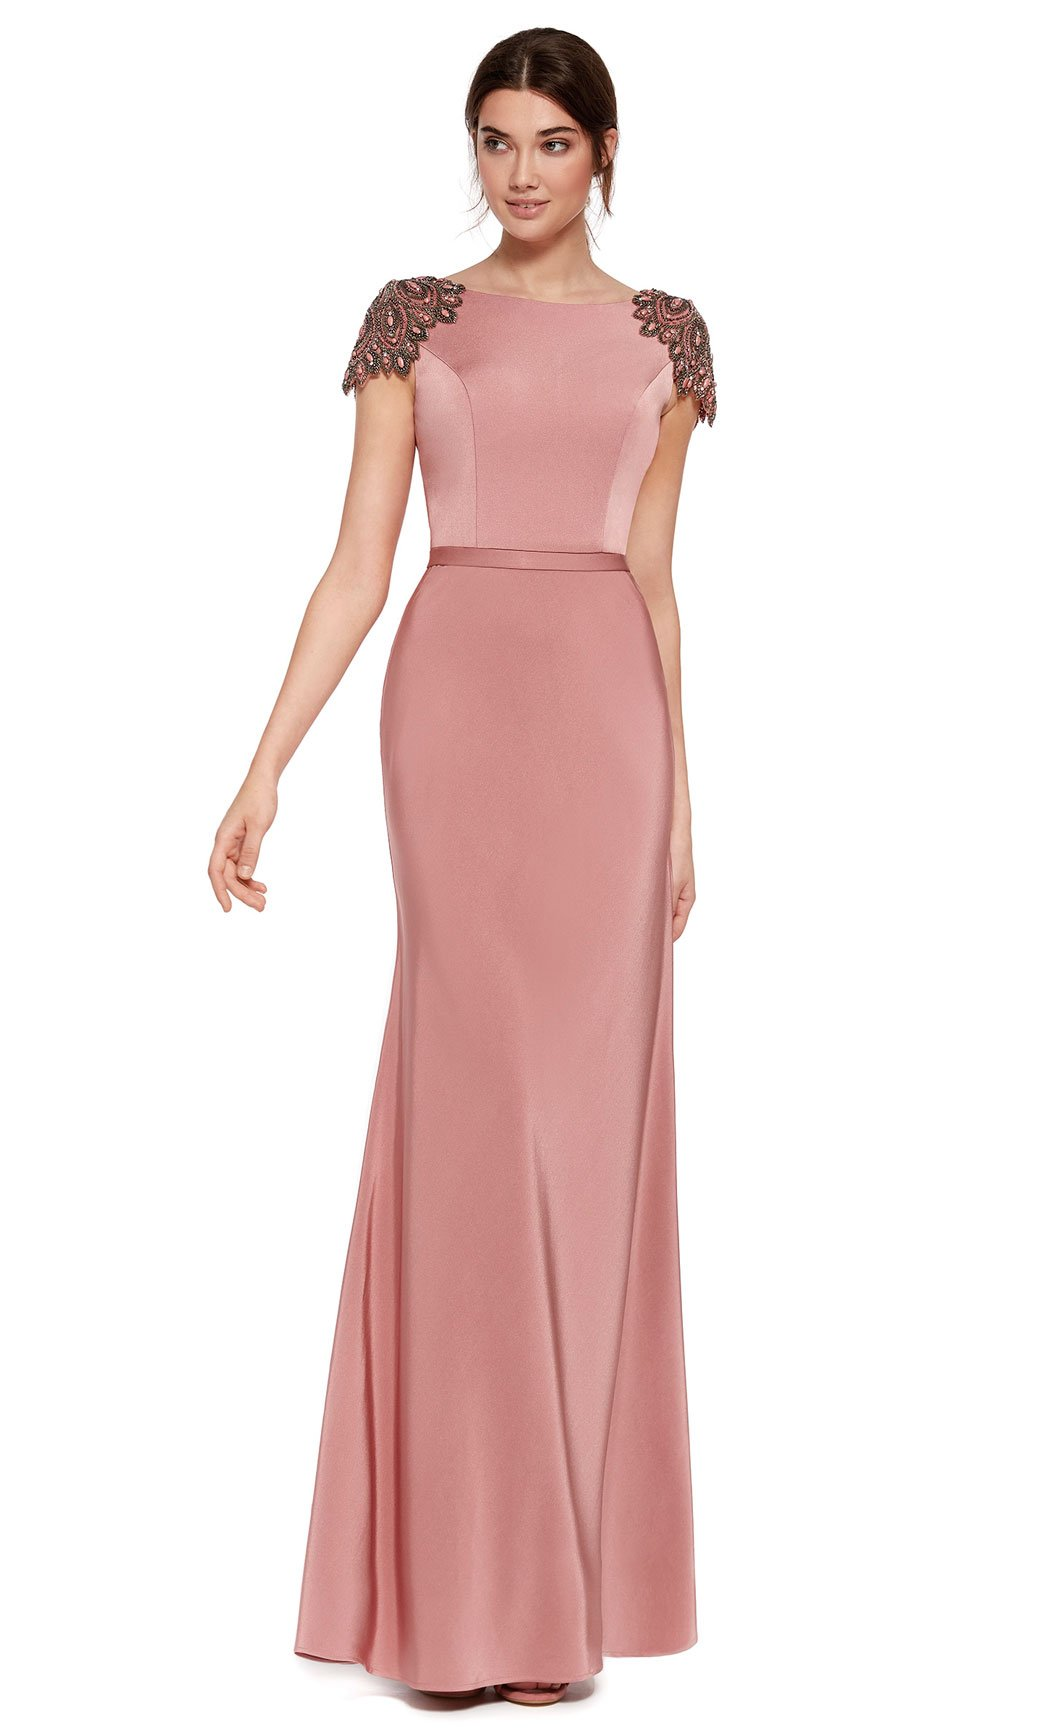 Comprar Online CARLA RUIZ Vestidos de Fiesta - Carmen Horneros